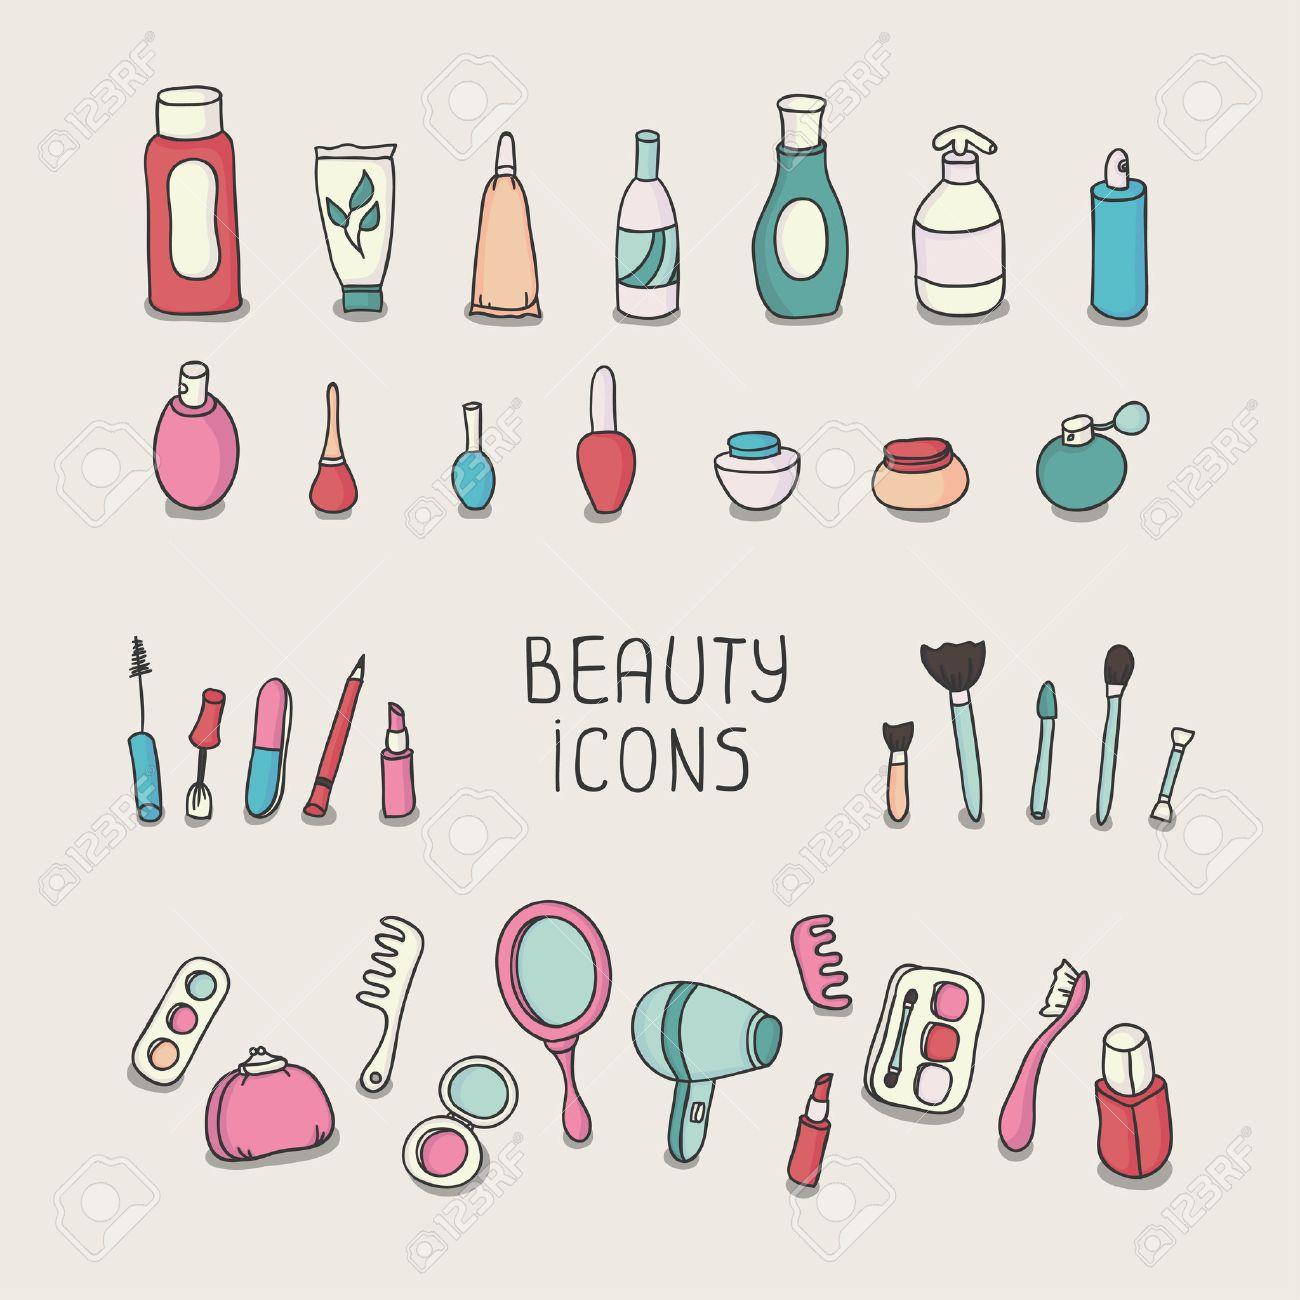 ビンテージ化粧品と美容製品アイコン化粧ベクトル イラストのセットの